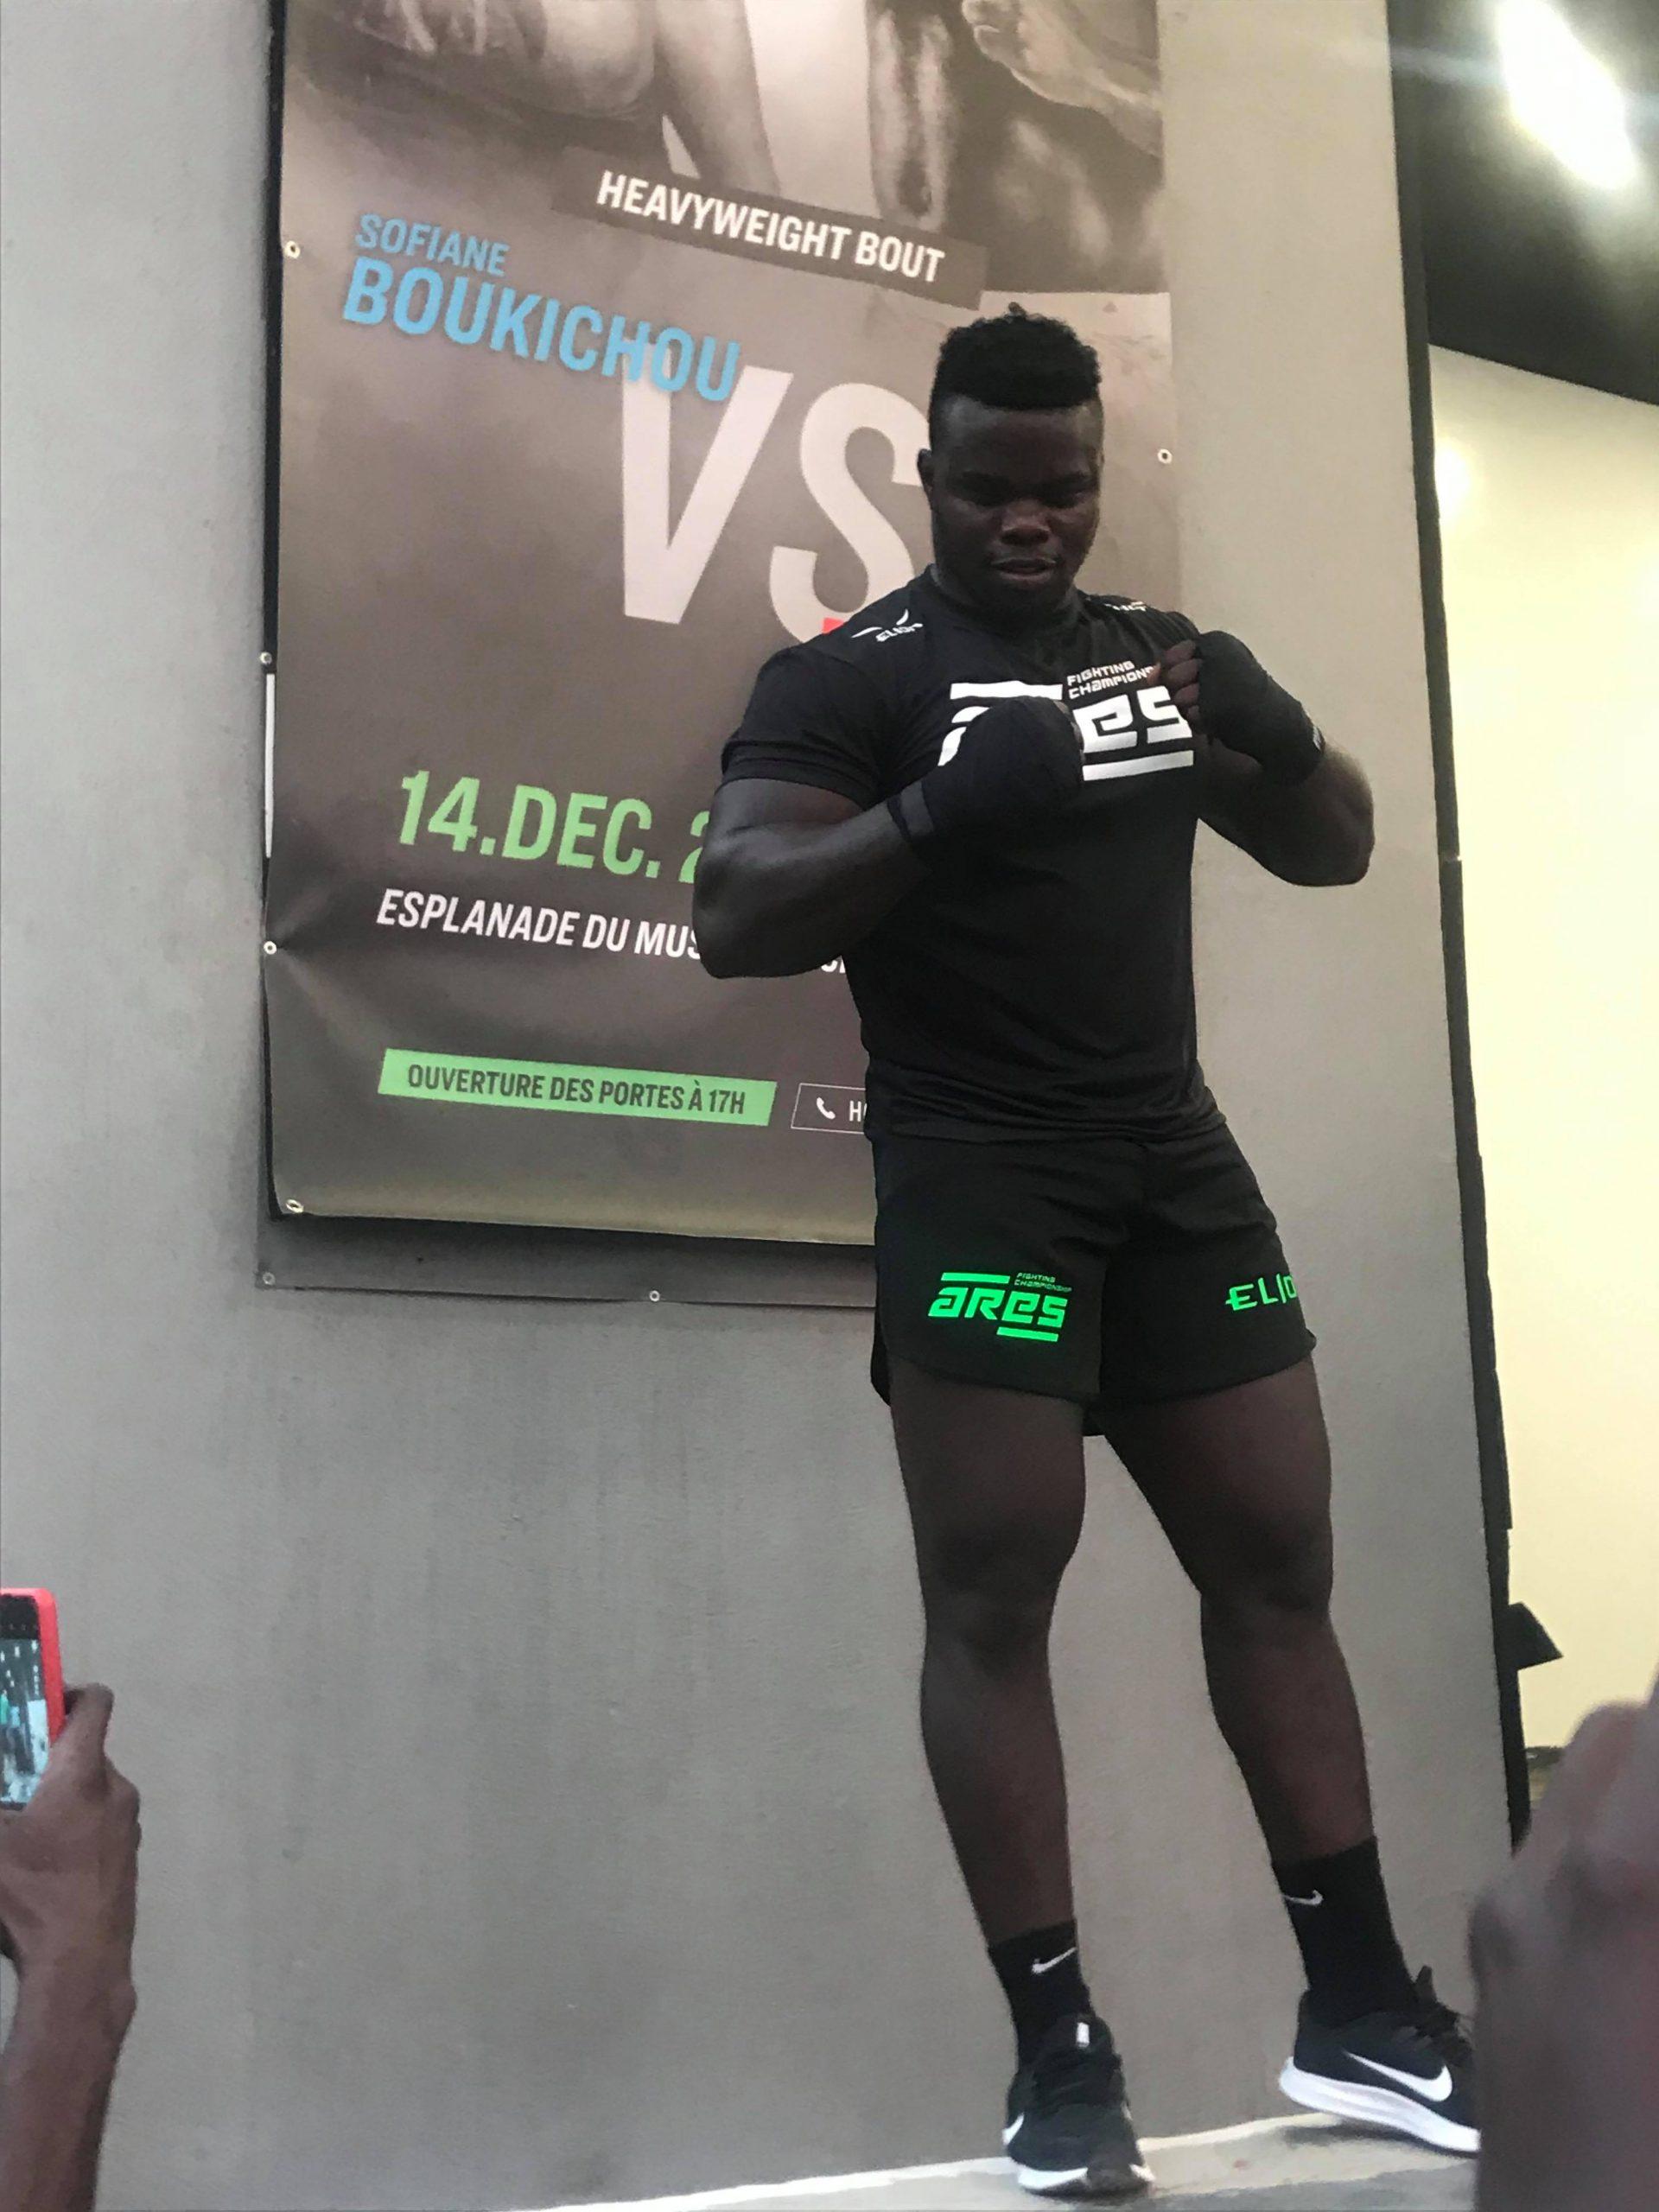 76728927 1770387886438347 7075008195437002752 n scaled - MMA : Reug Reug et son adversaire Sofiane, présentés au public (13 Photos)